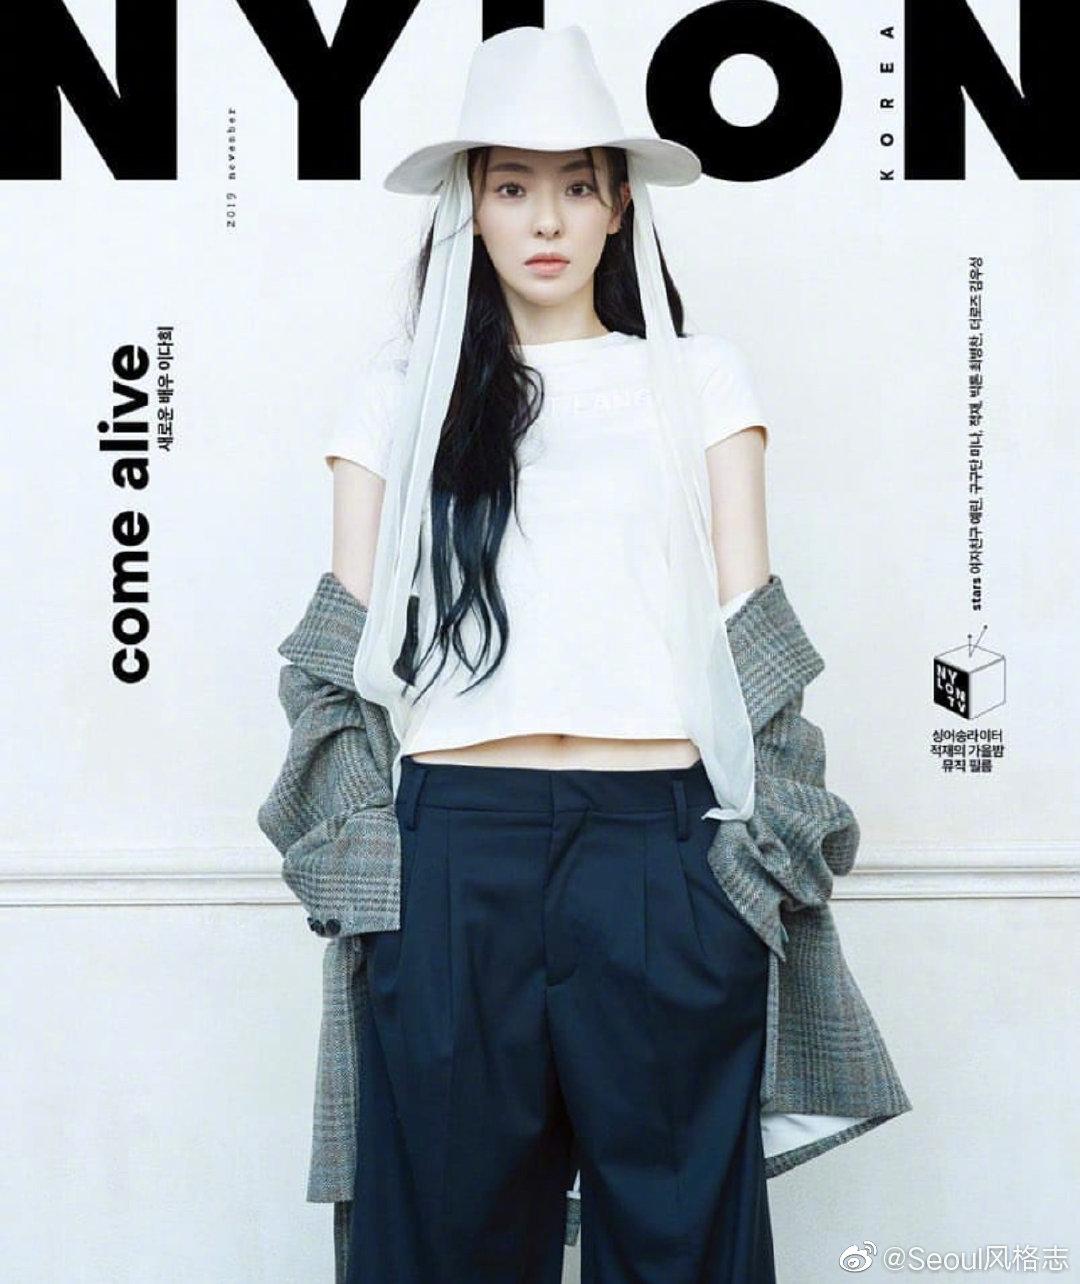 李多喜 x NYLON Korea 11月刊 慵懒的发型,休闲风的穿搭